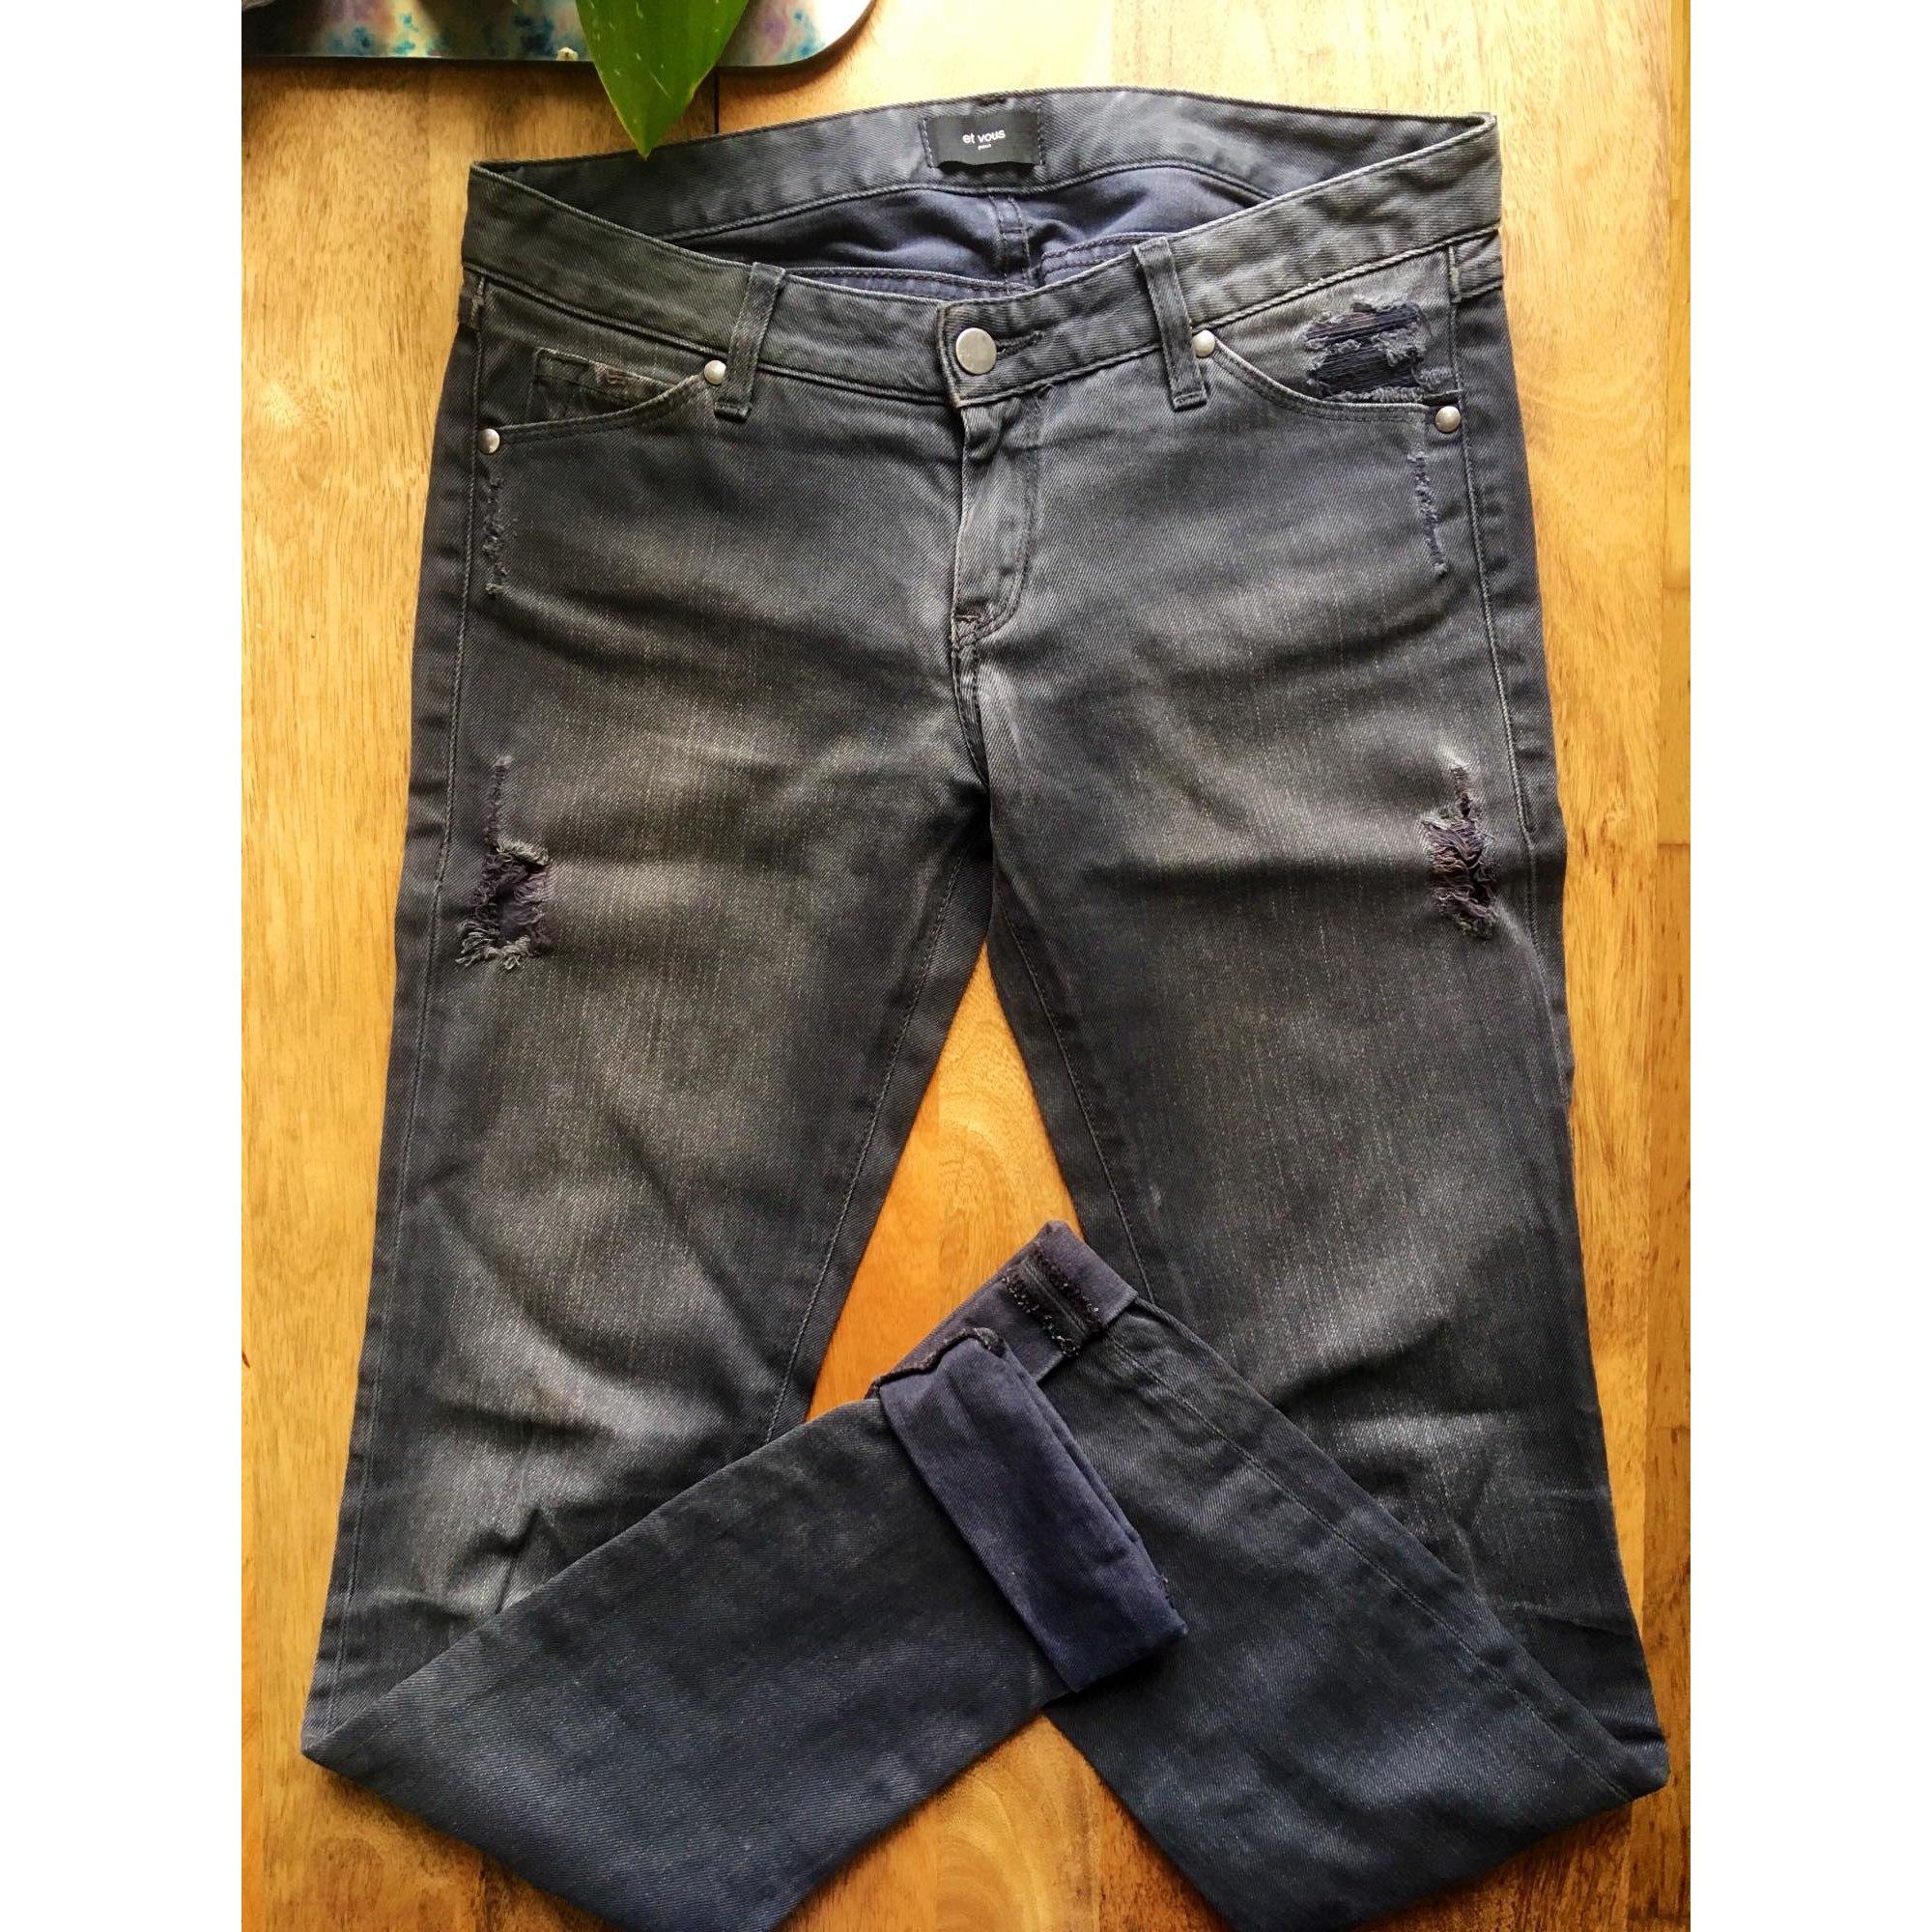 Pantalon droit ET VOUS Gris, anthracite